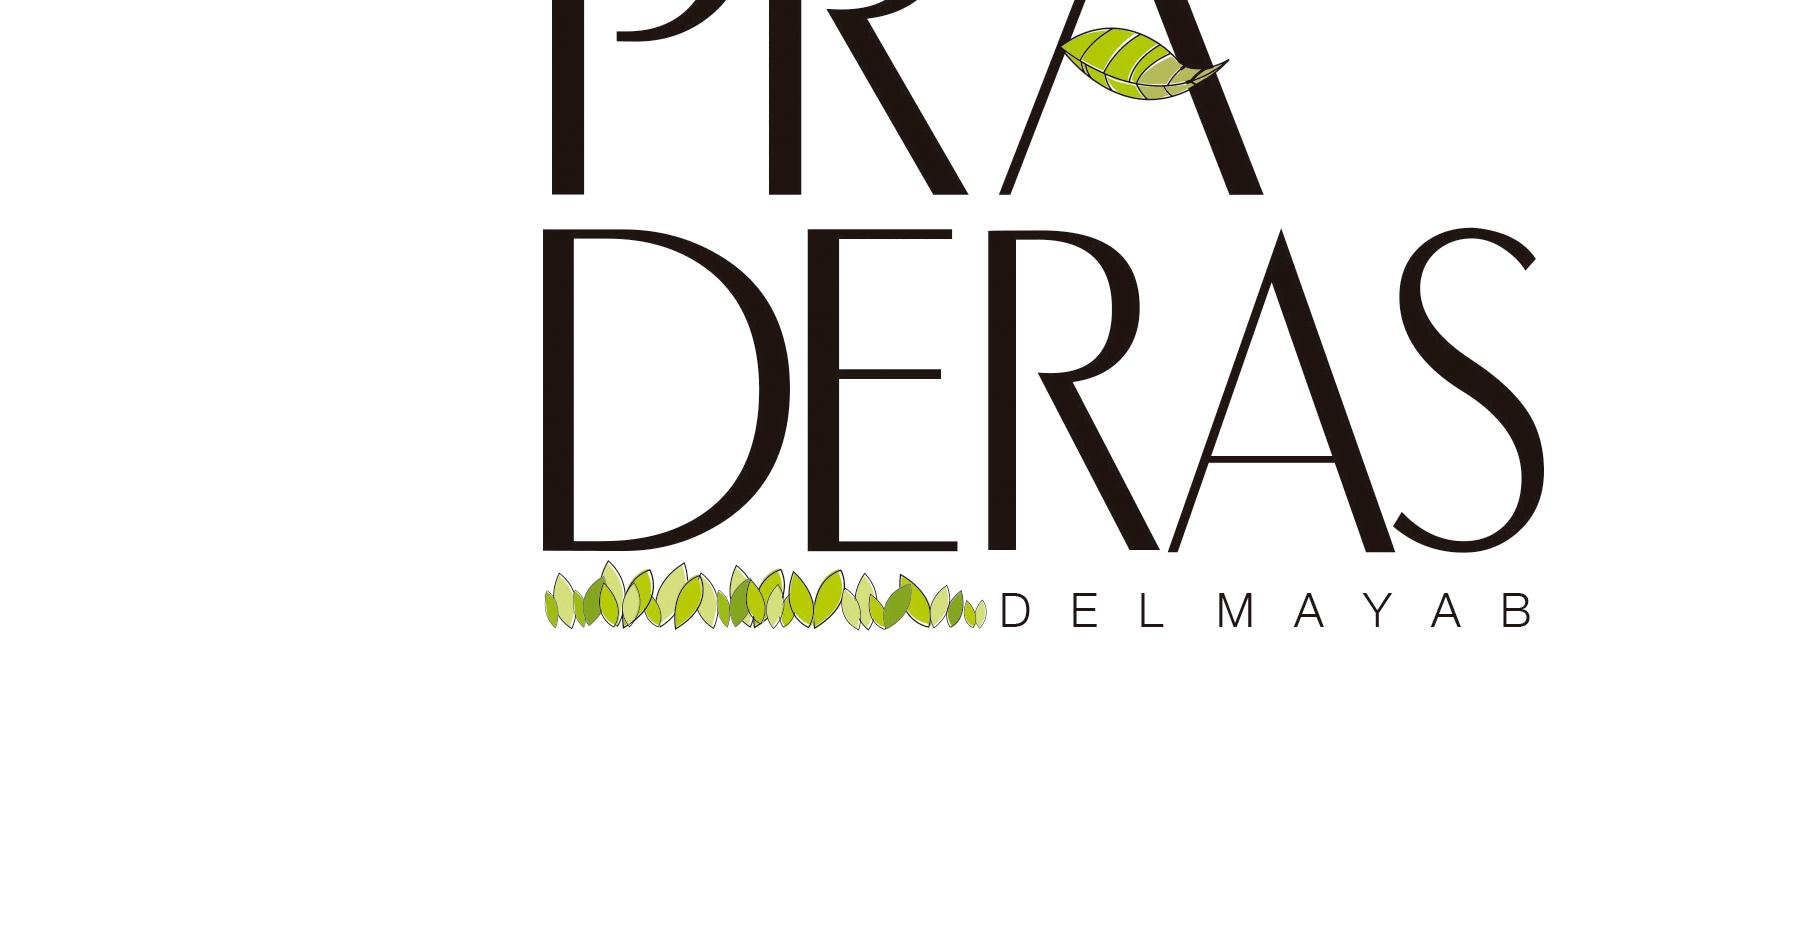 praderas logo 2.png